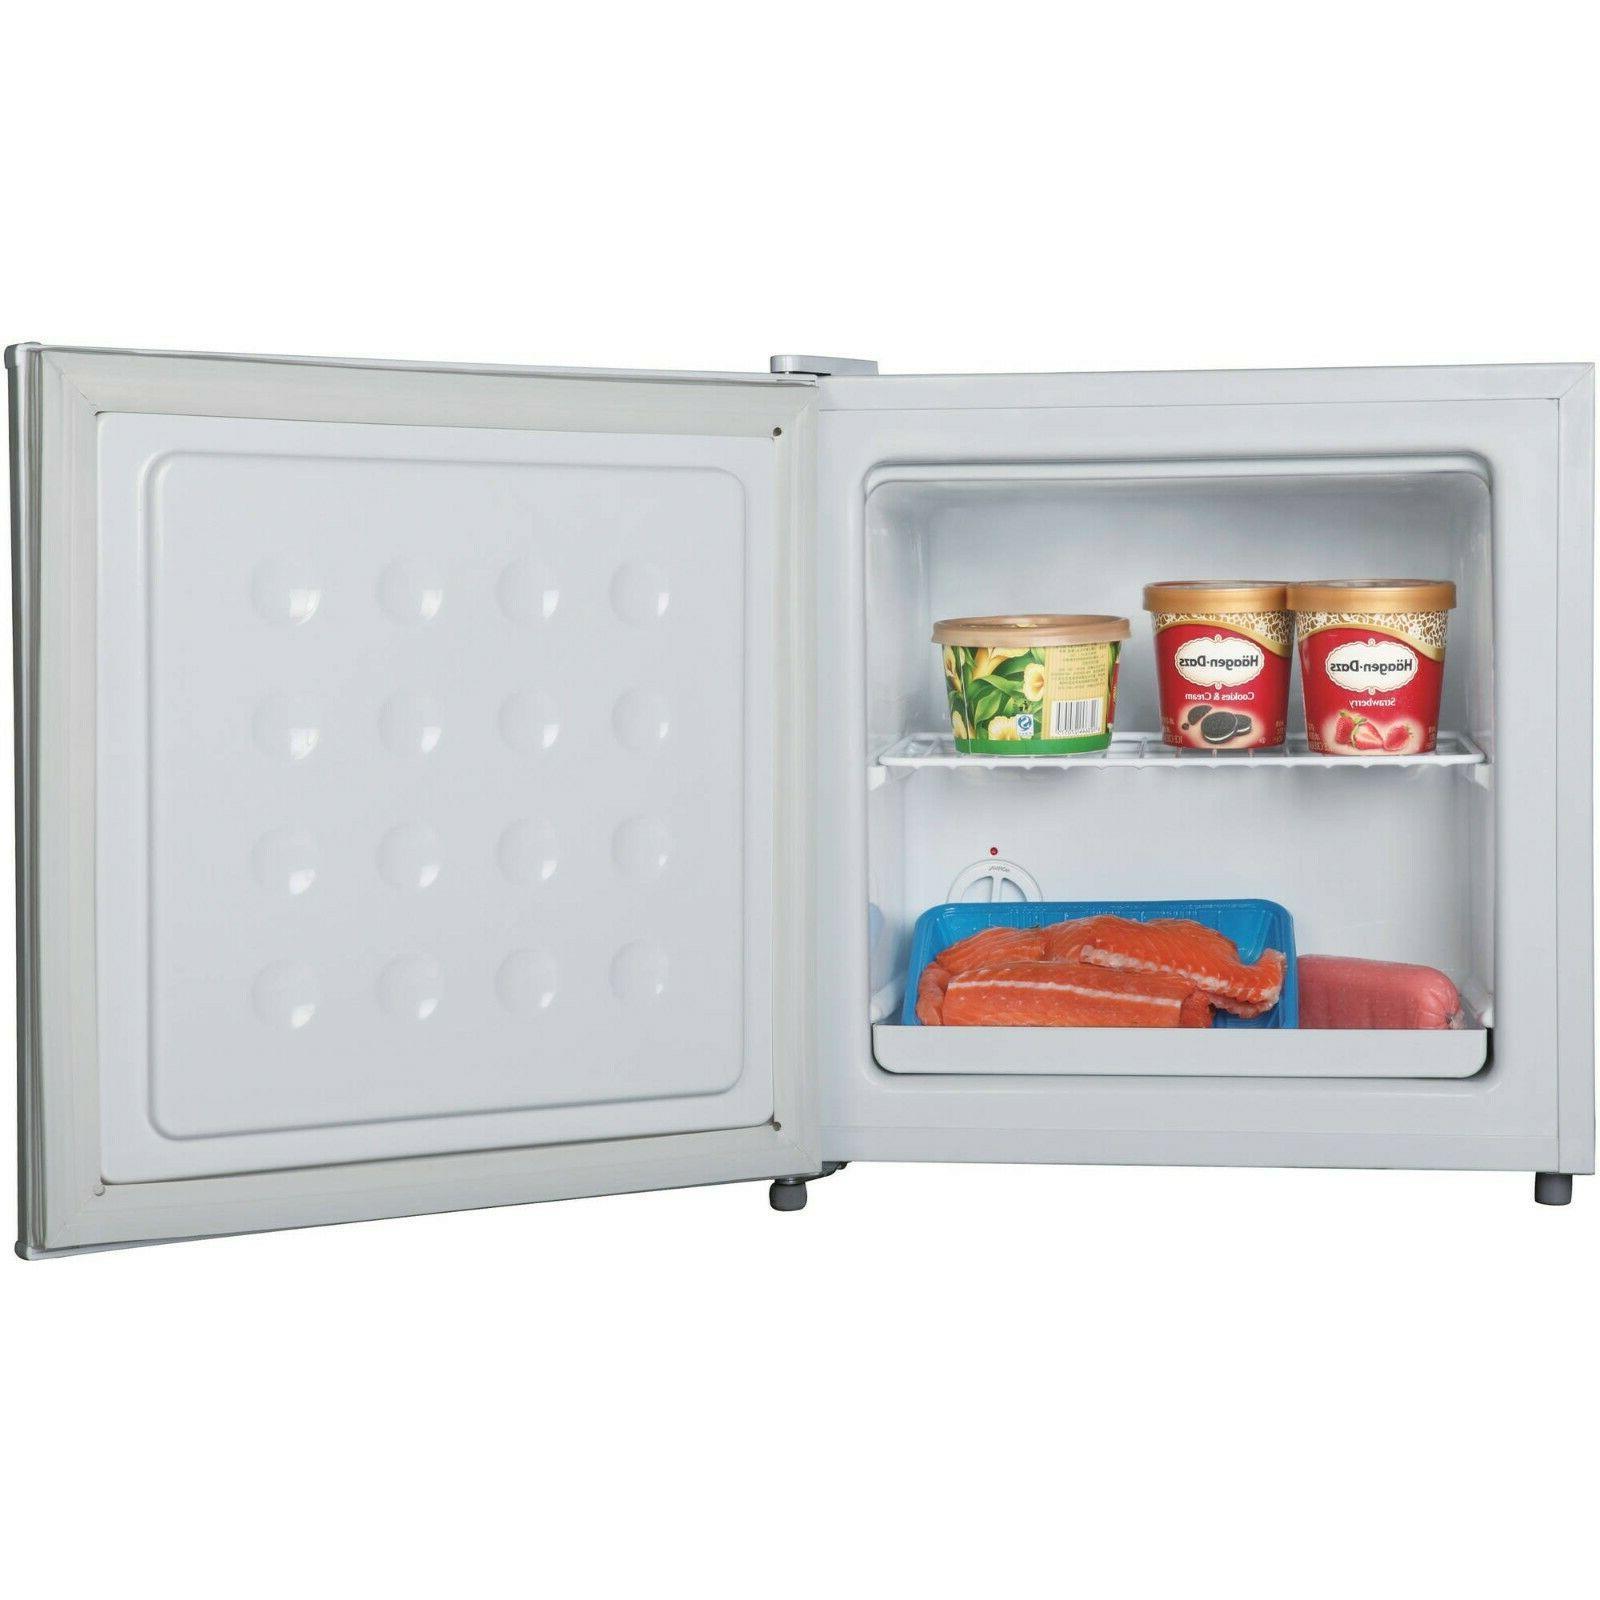 1.1 cu ft Upright Freezer Unit Compact Space Efficient White